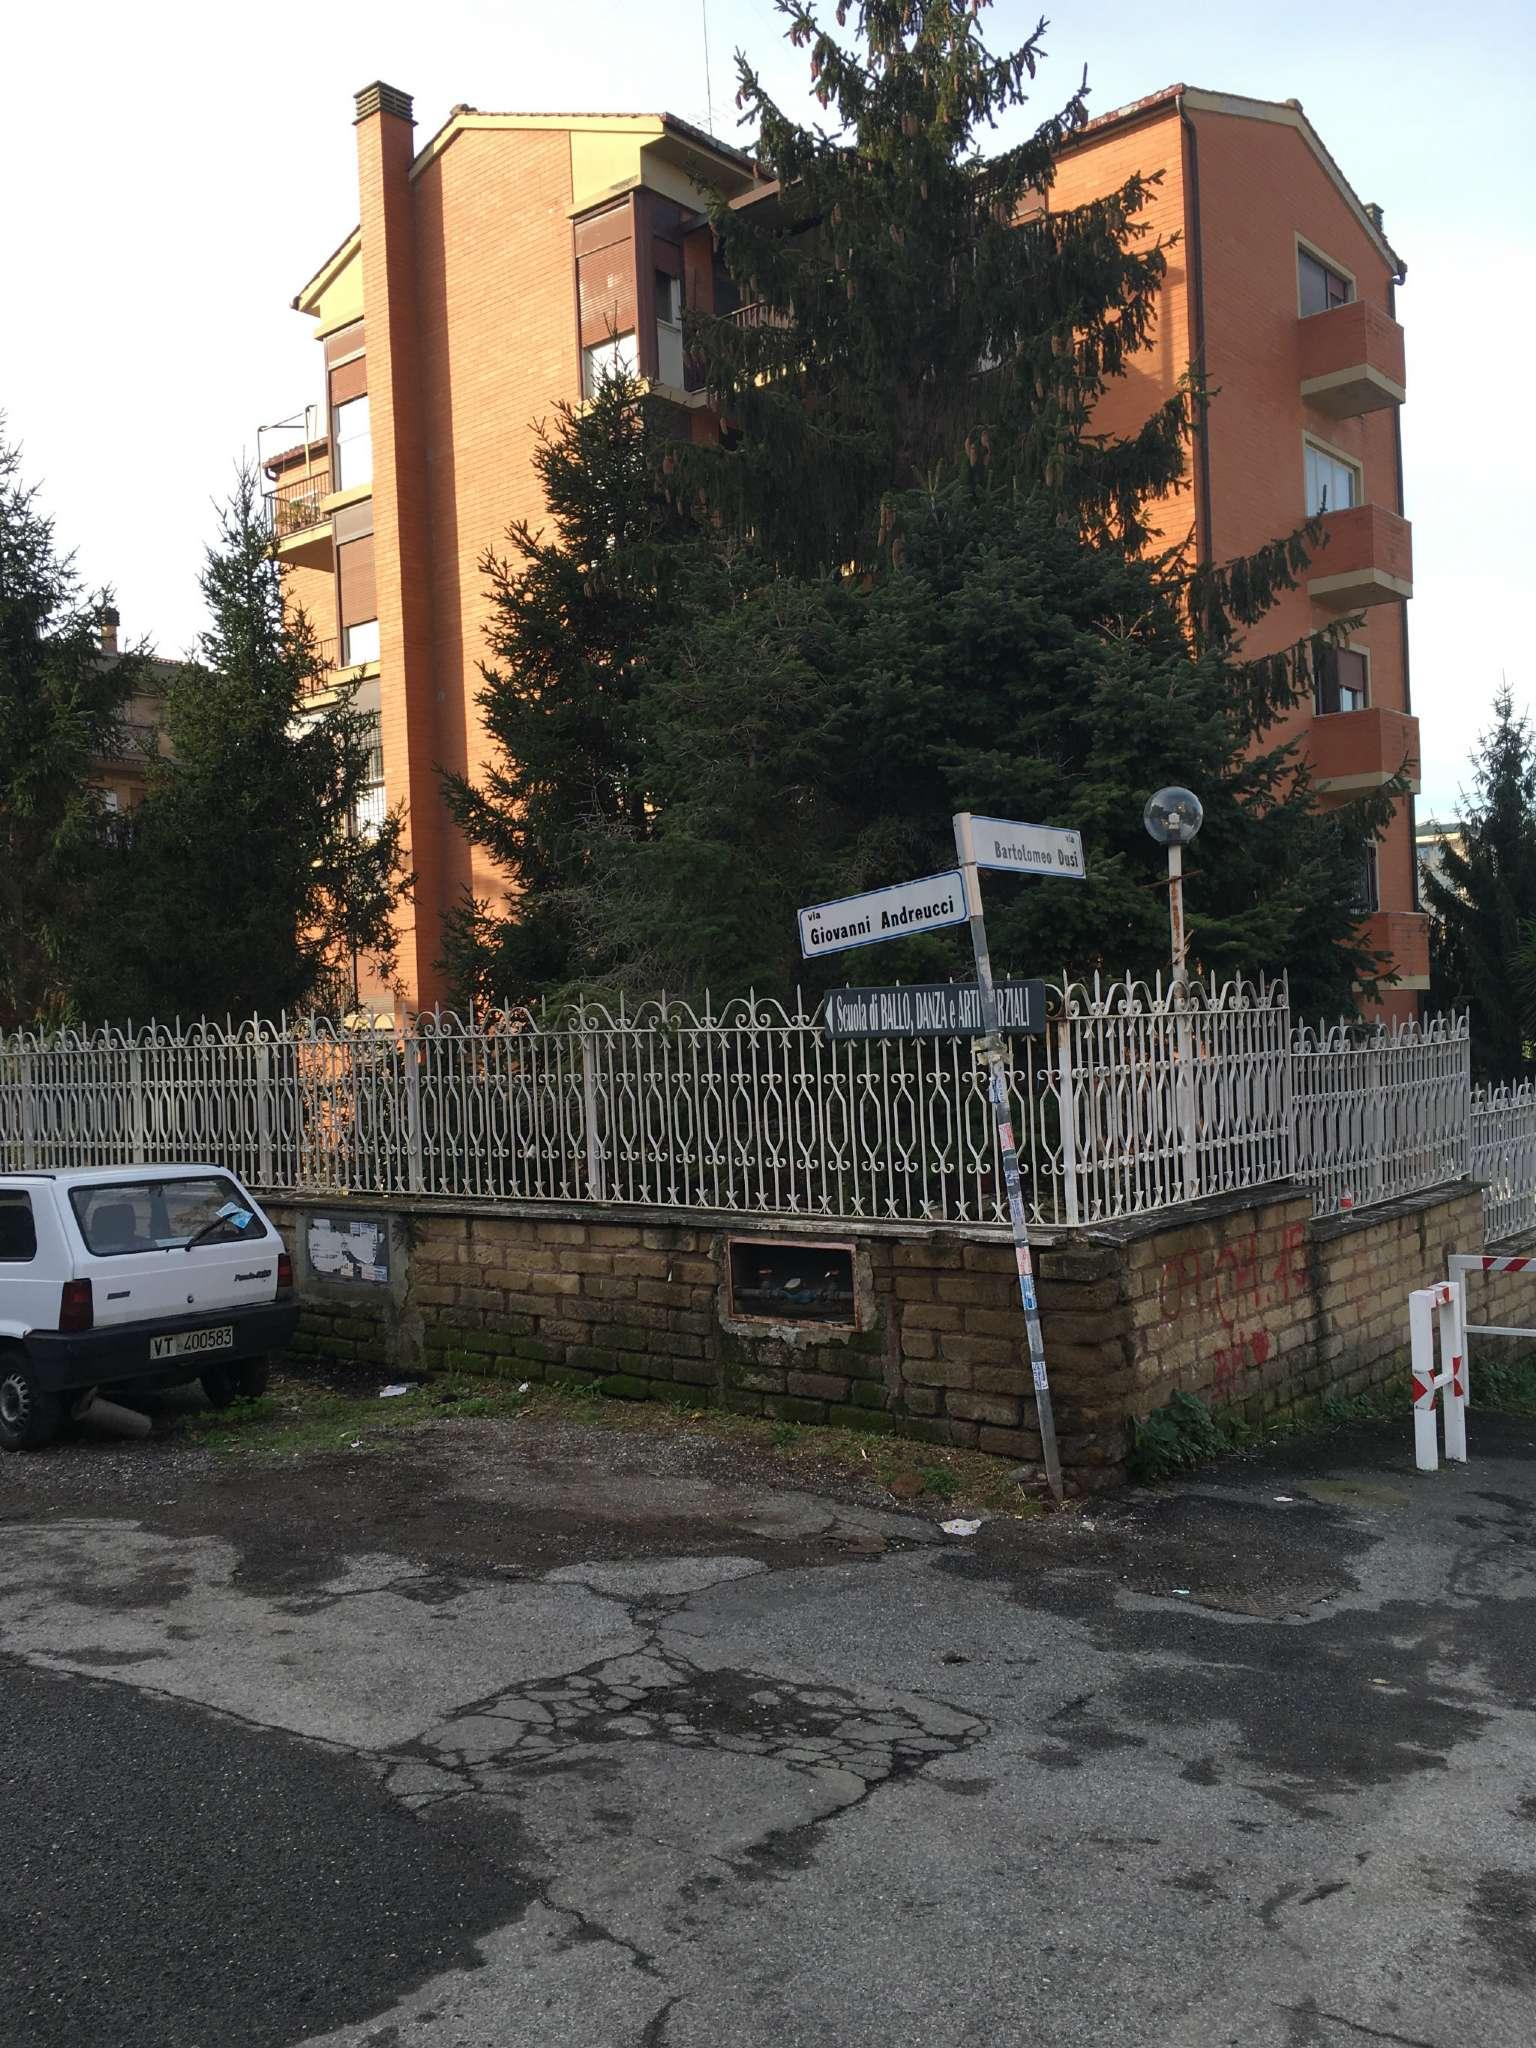 Annunci affitti negozi roma for Affitti temporanei appartamenti roma